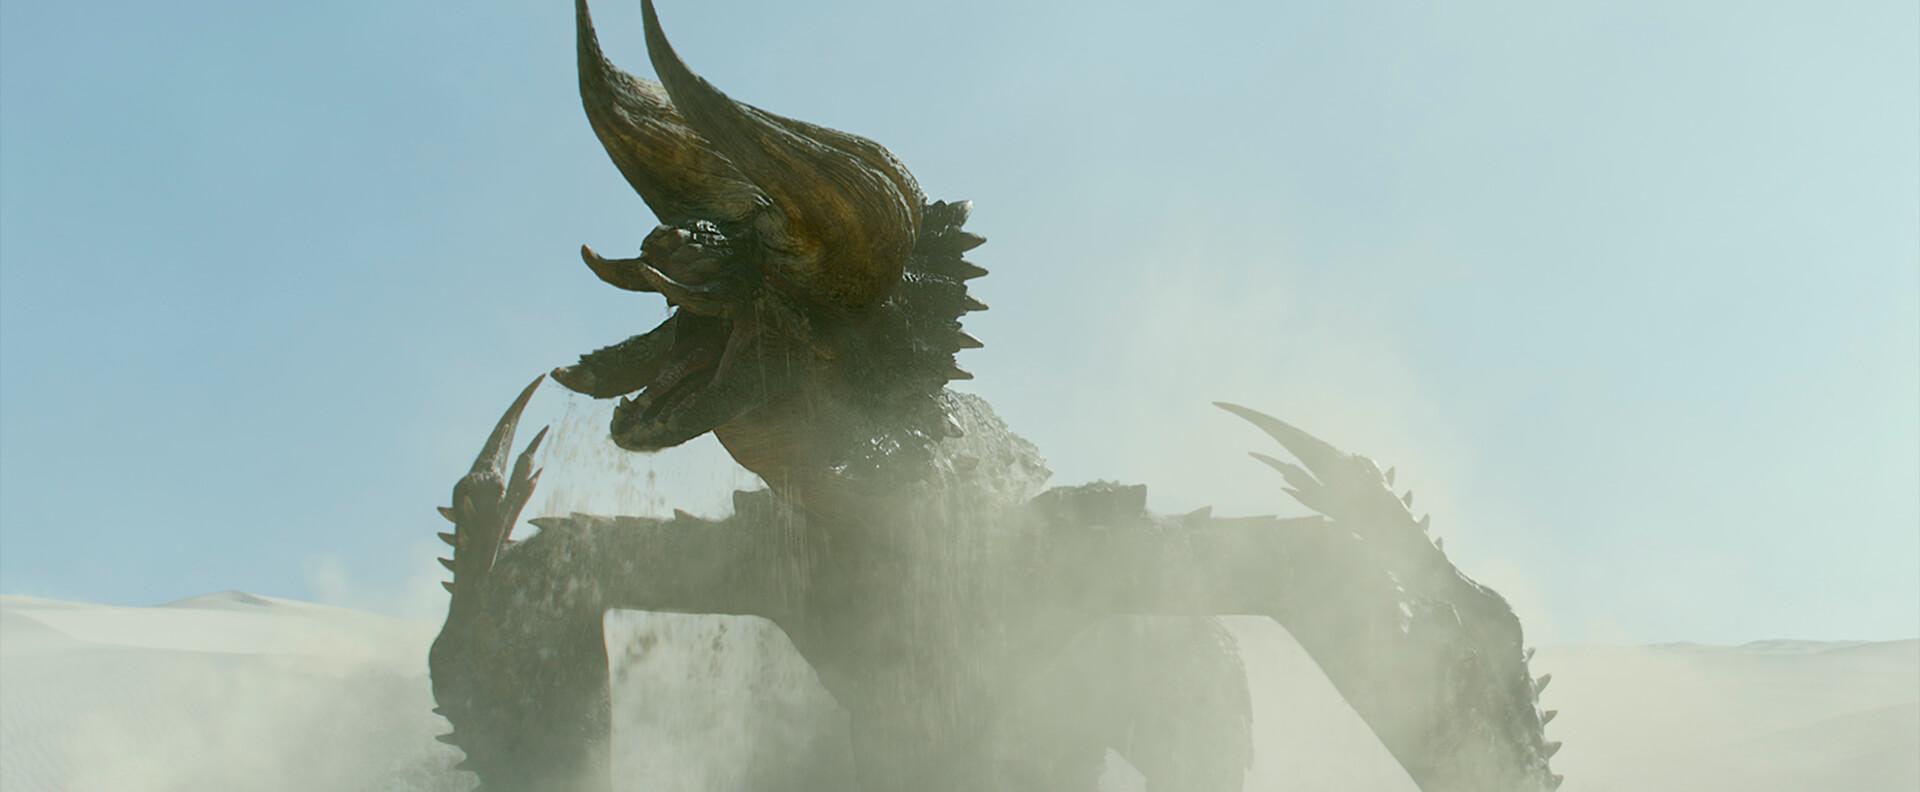 実写とゲームのシンクロに興奮必至!ディアブロス亜種が躍動する『映画 モンスターハンター』の特別映像が解禁 film210301_monsterhunter_3